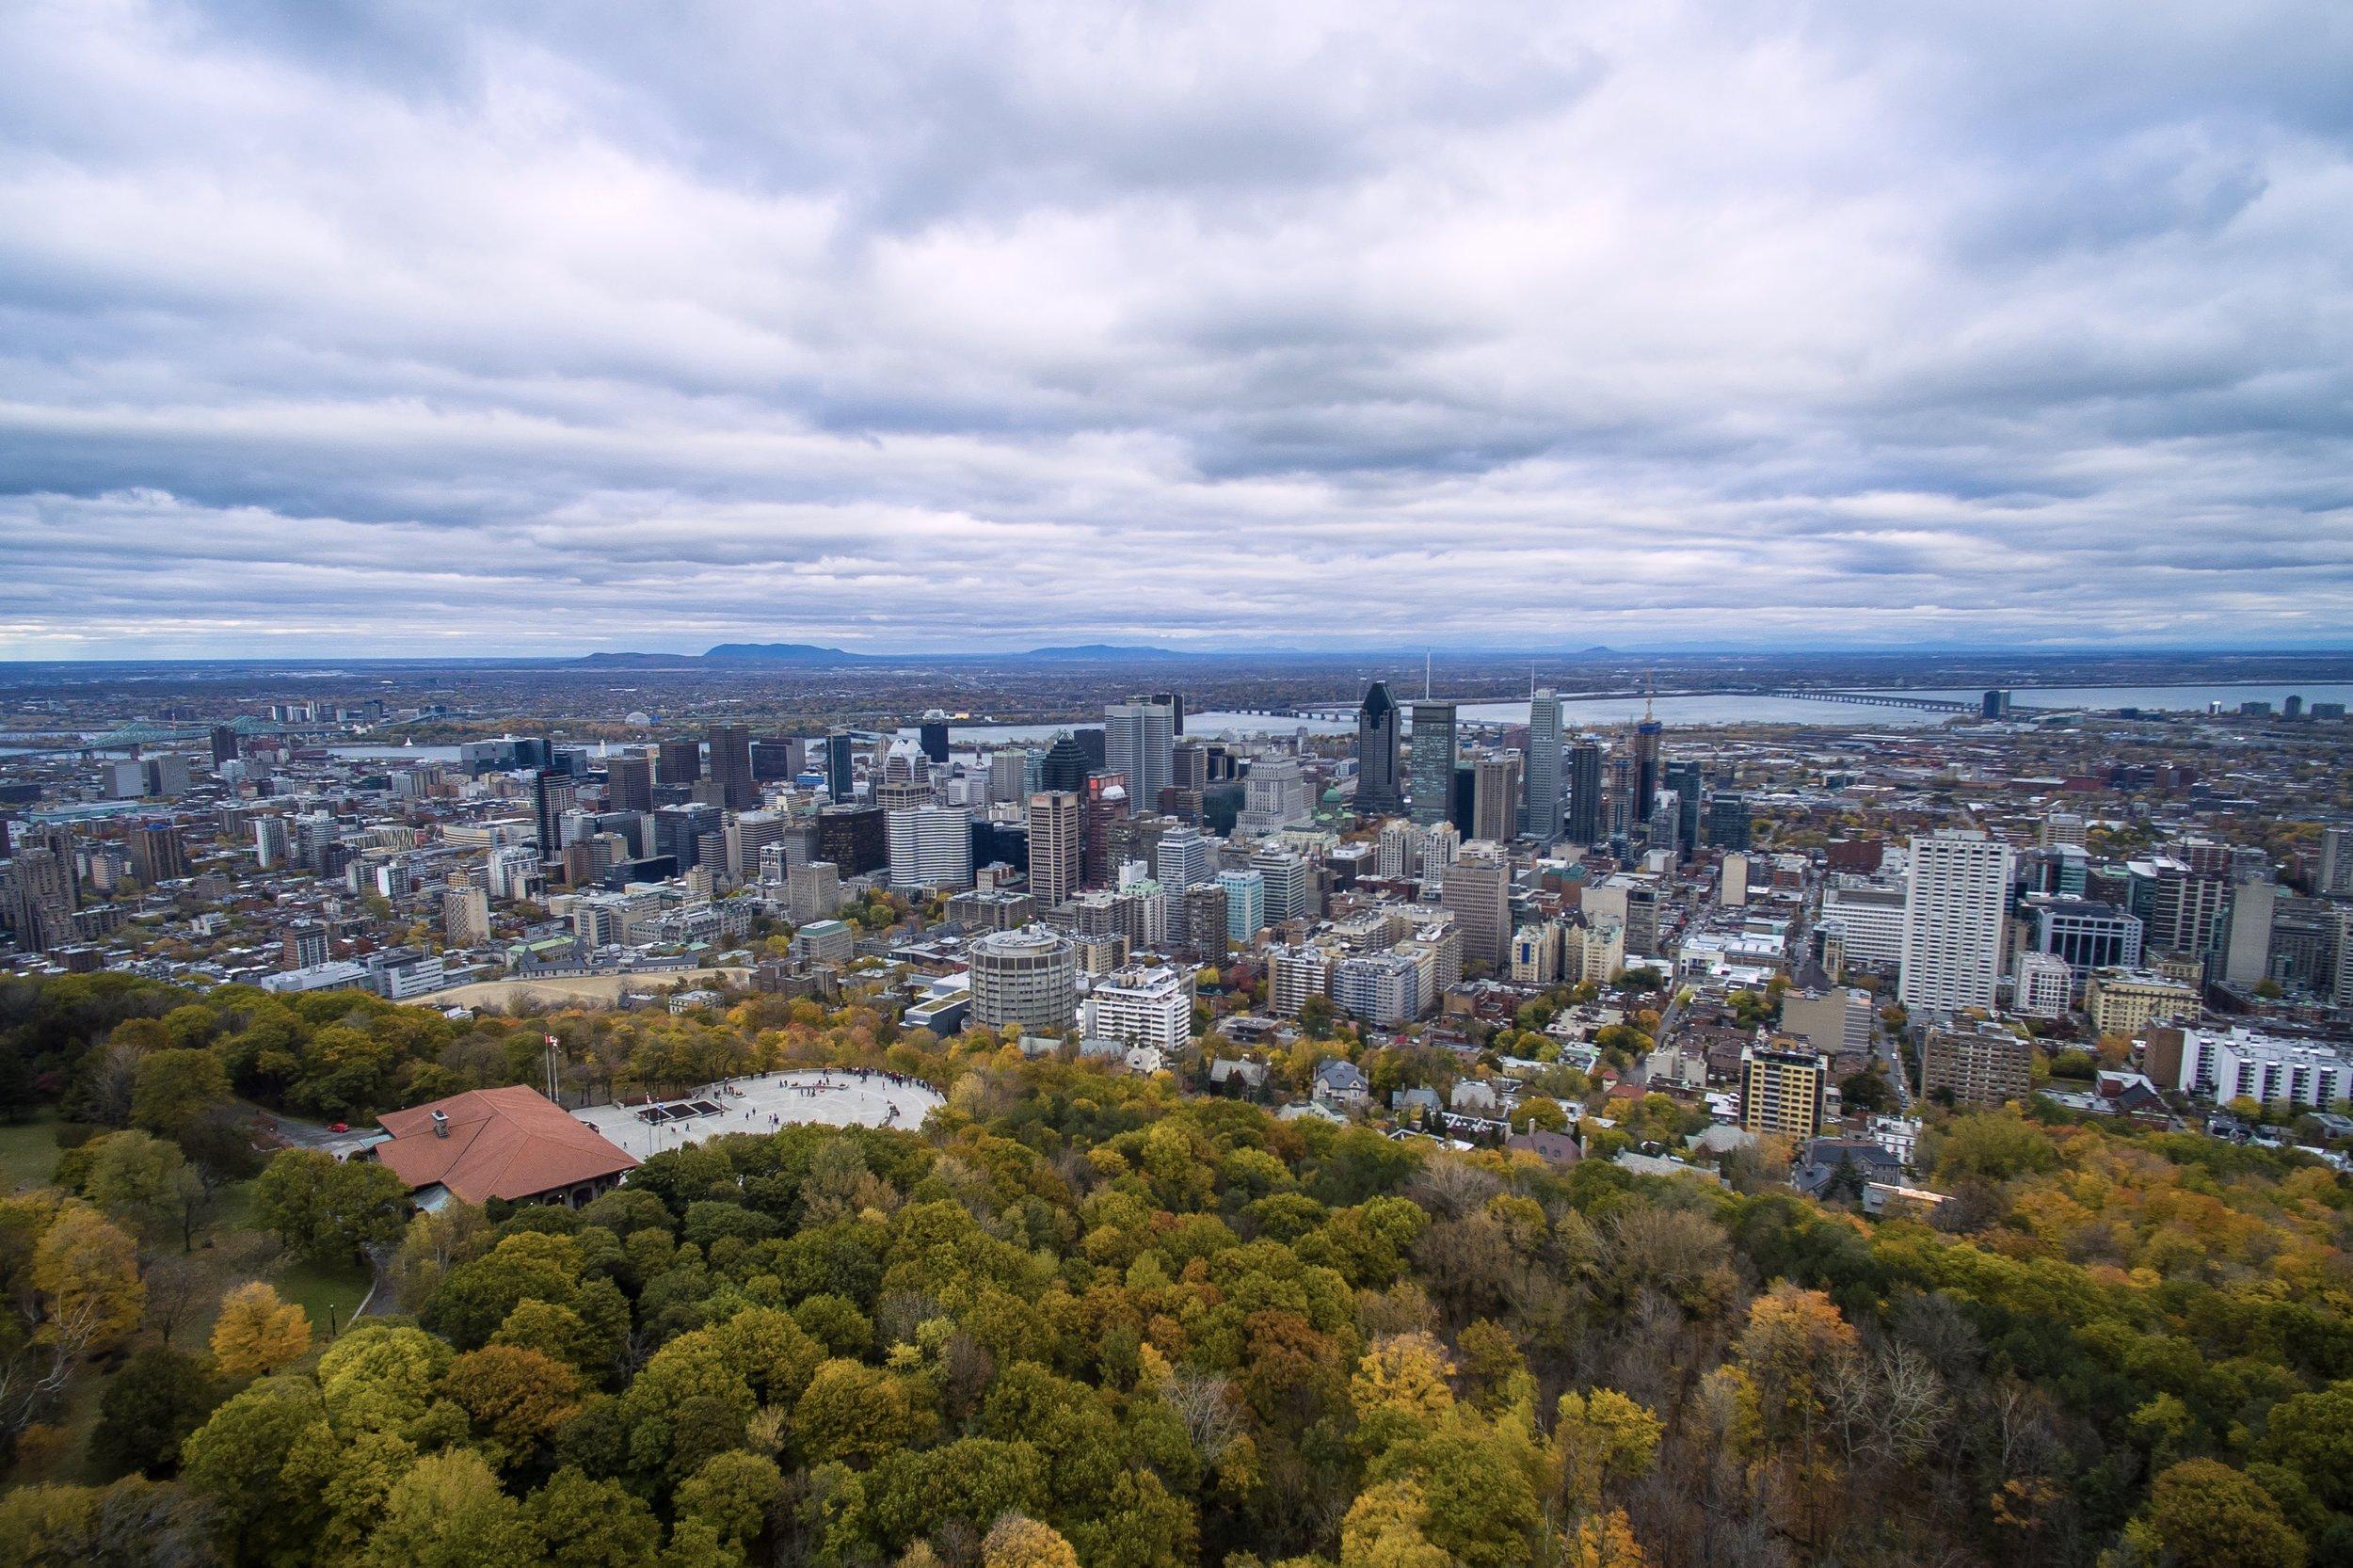 Vue à vol d'oiseau du Mont Royal, Montréal, Qc.